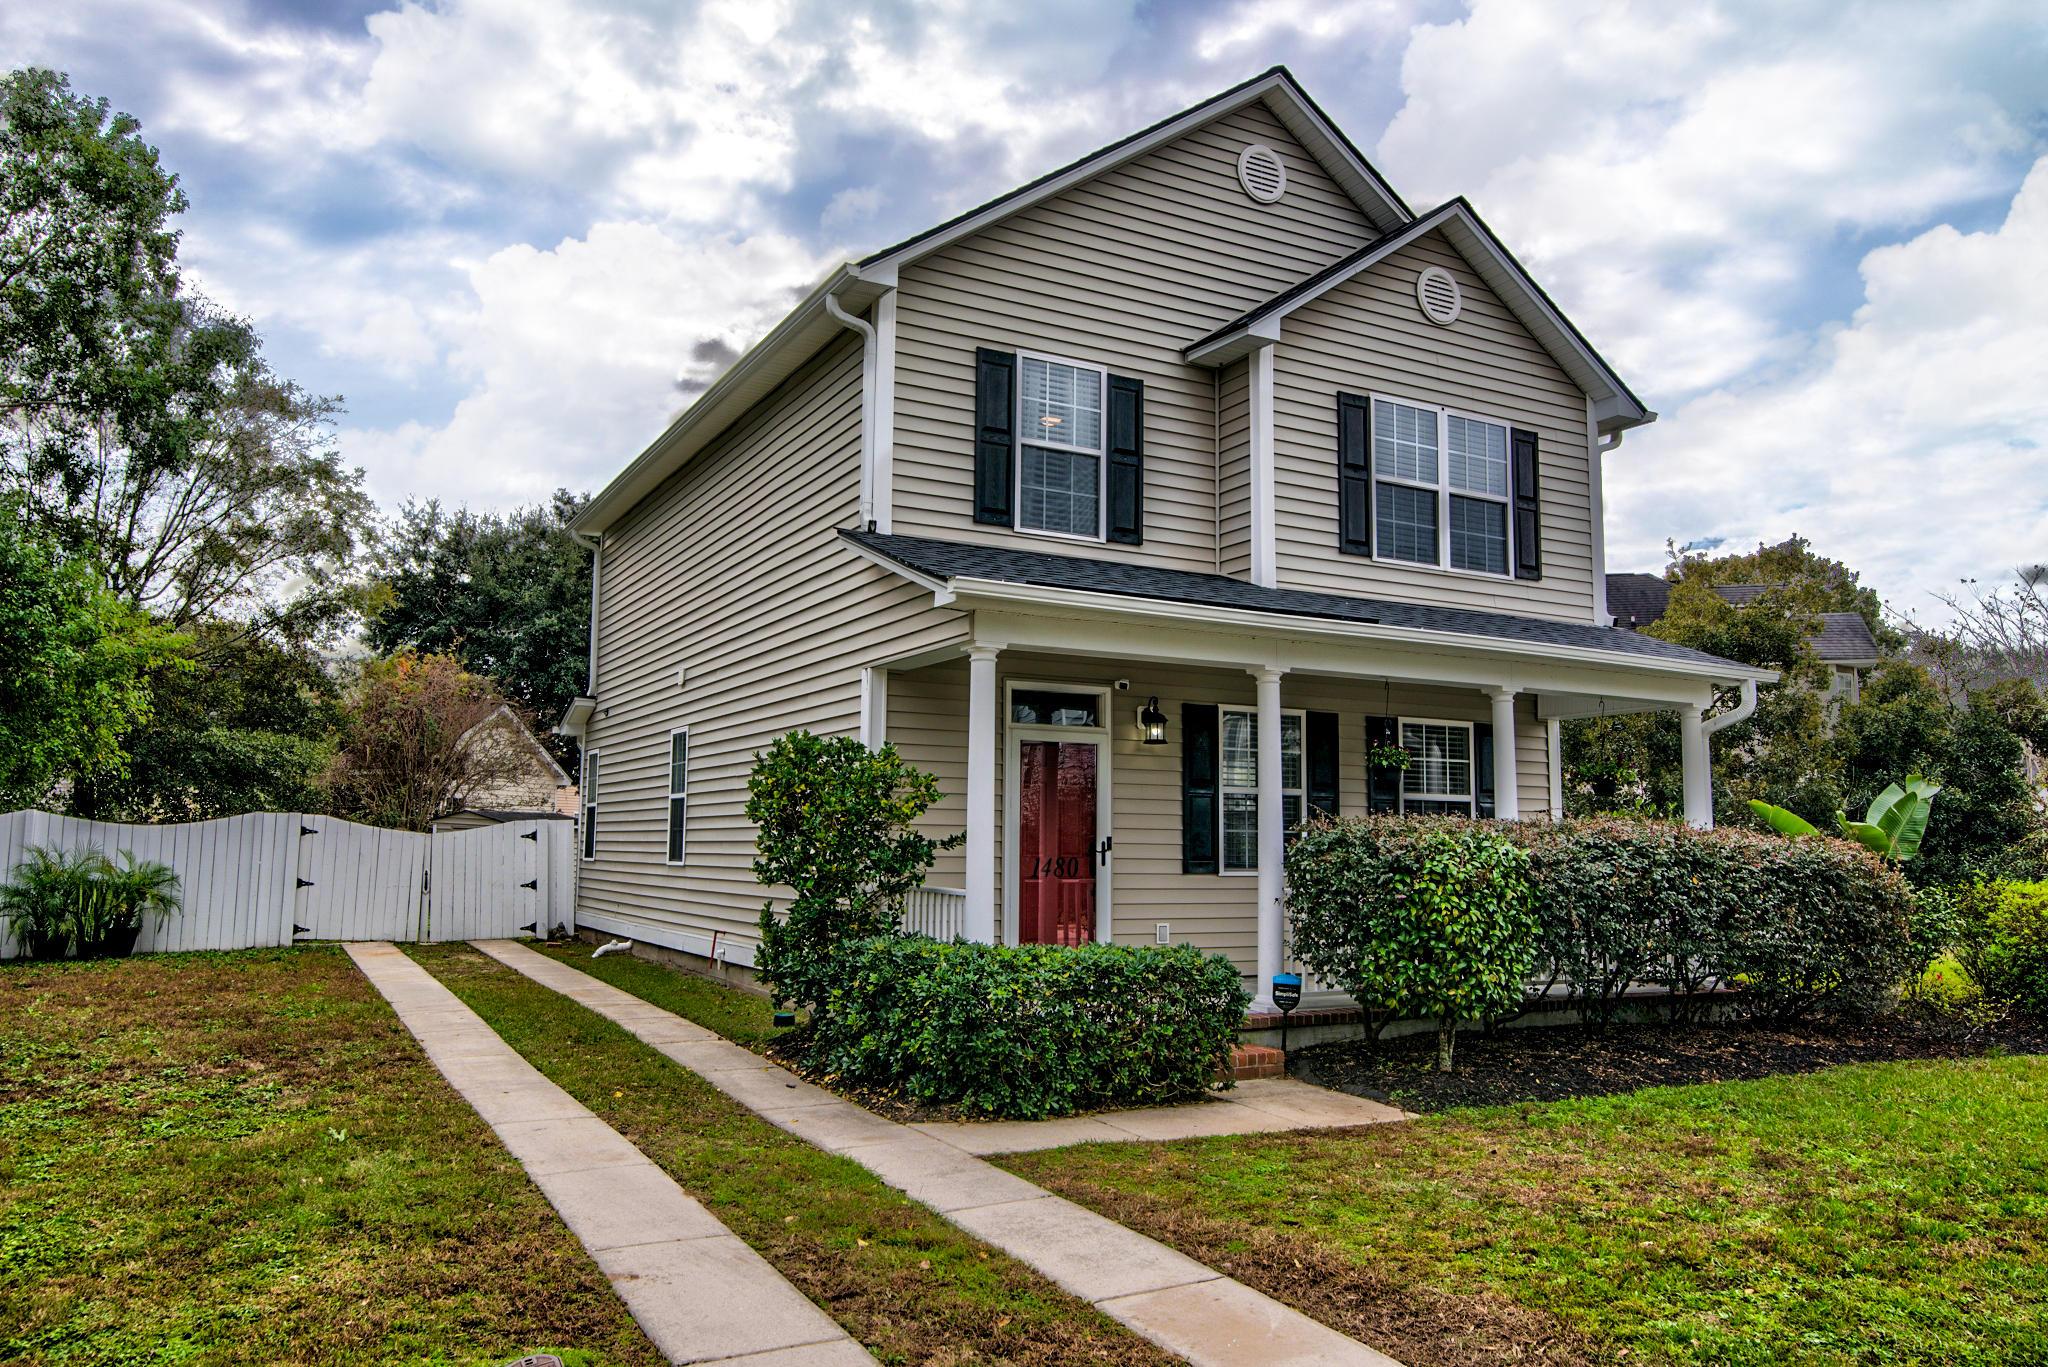 Jamestowne Village Homes For Sale - 1480 Swamp Fox, Charleston, SC - 16